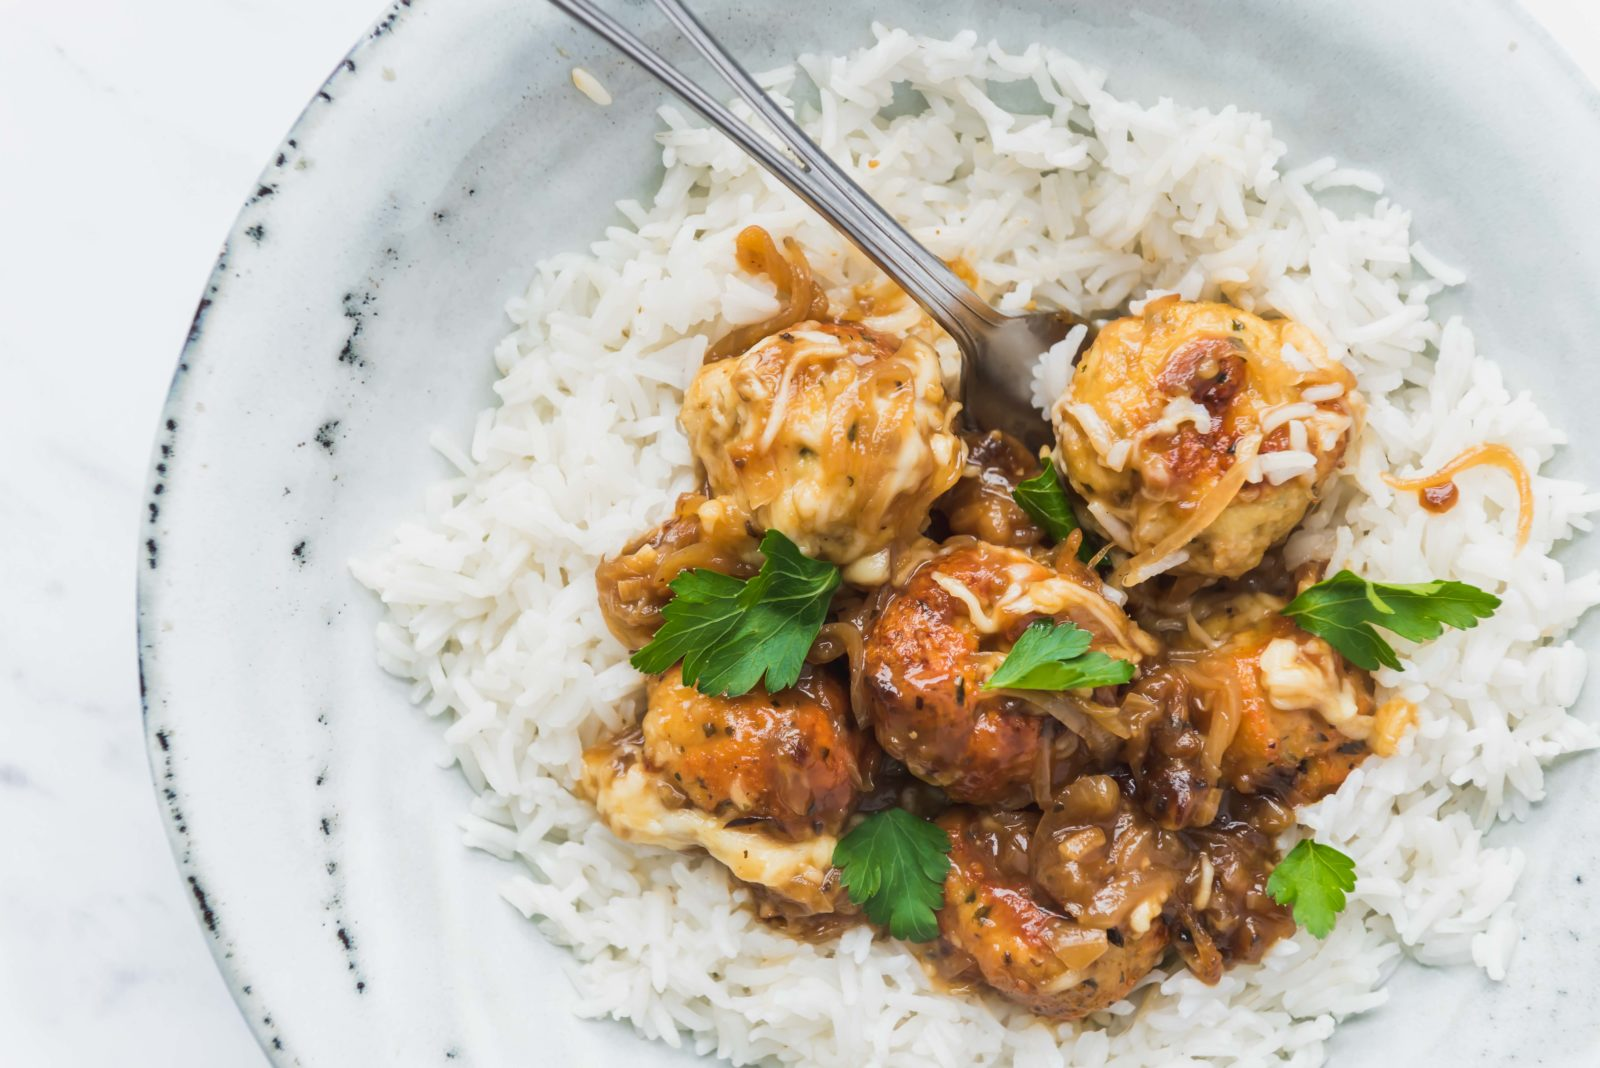 Boulettes de poulet - sauce à l'oignon - Les recettes de Mélanie